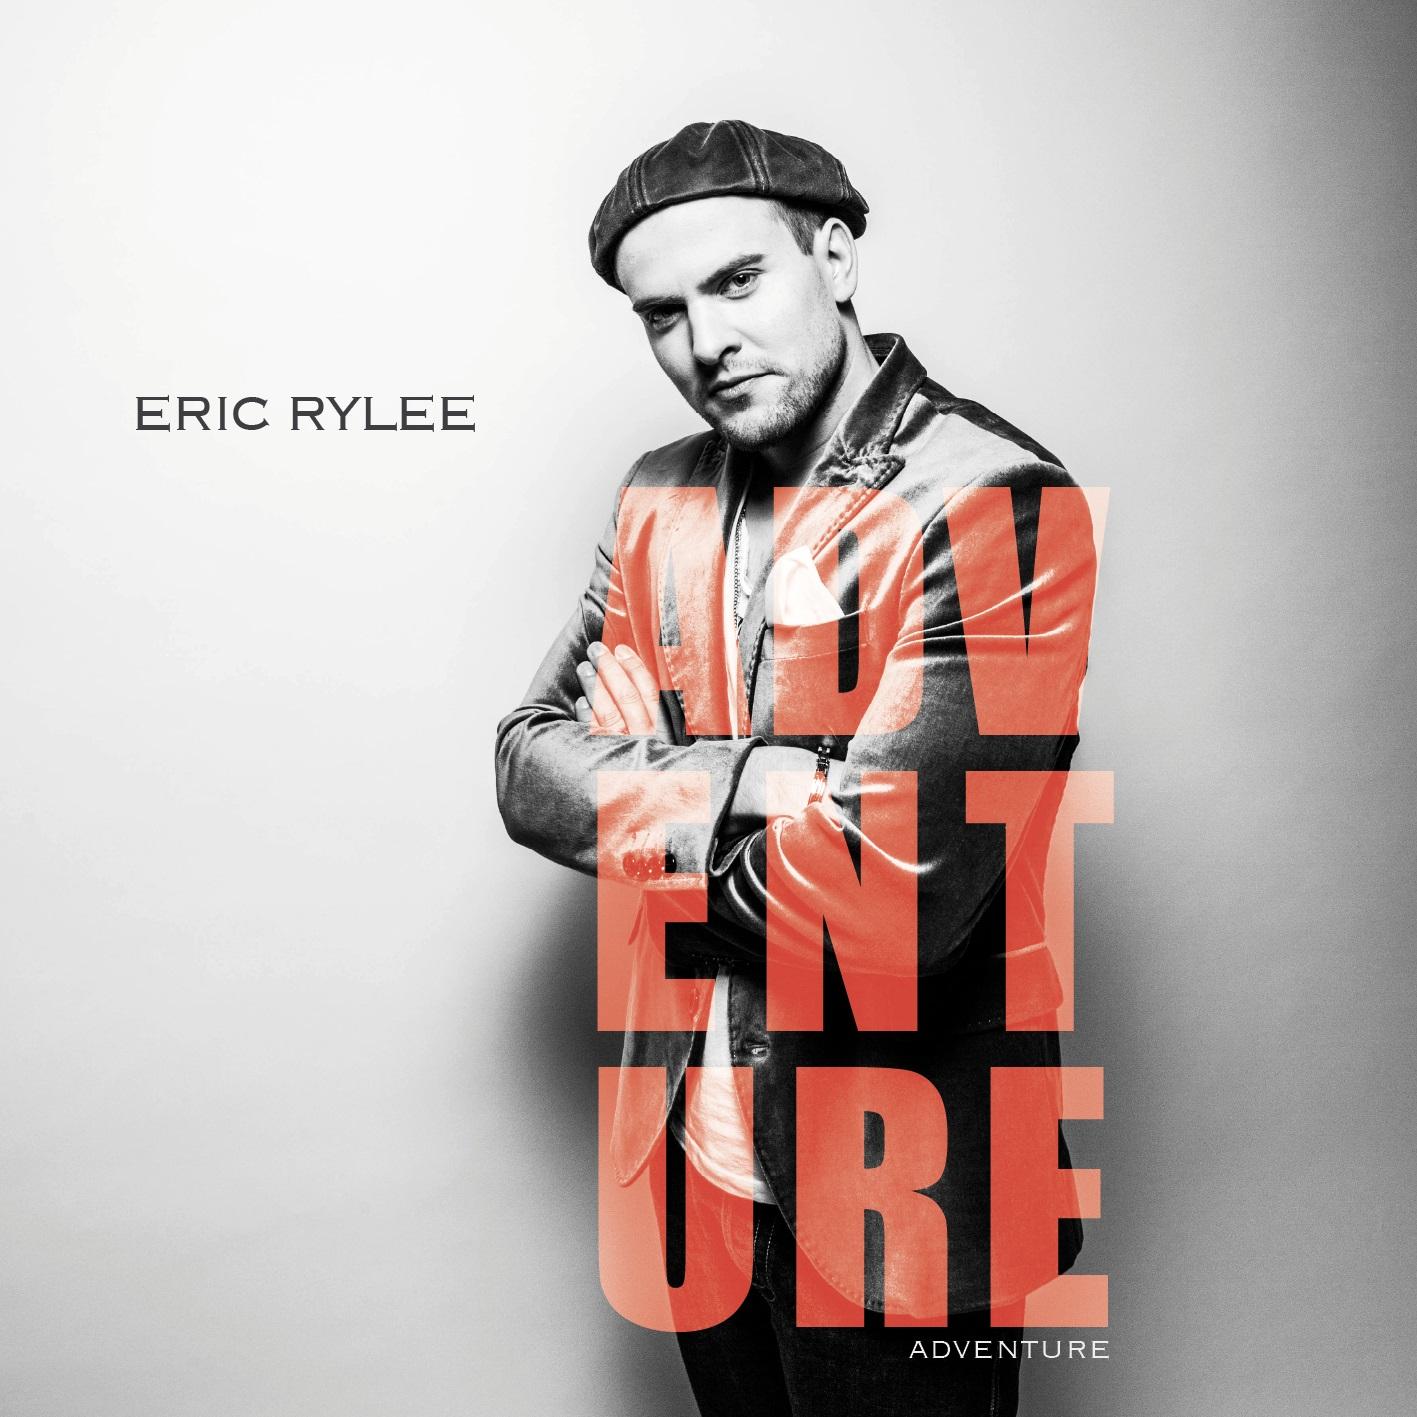 Adventure (Album CD-Cover).jpg